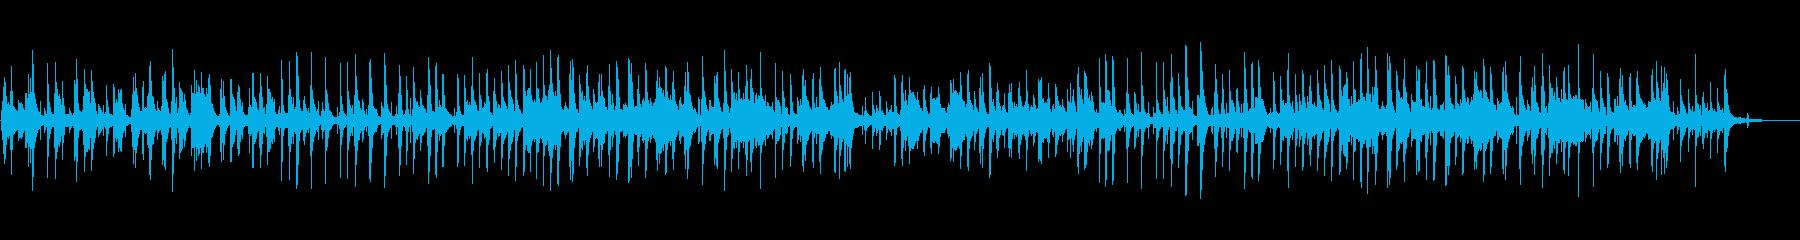 ピアノトリオによるジャズ風バラードの再生済みの波形